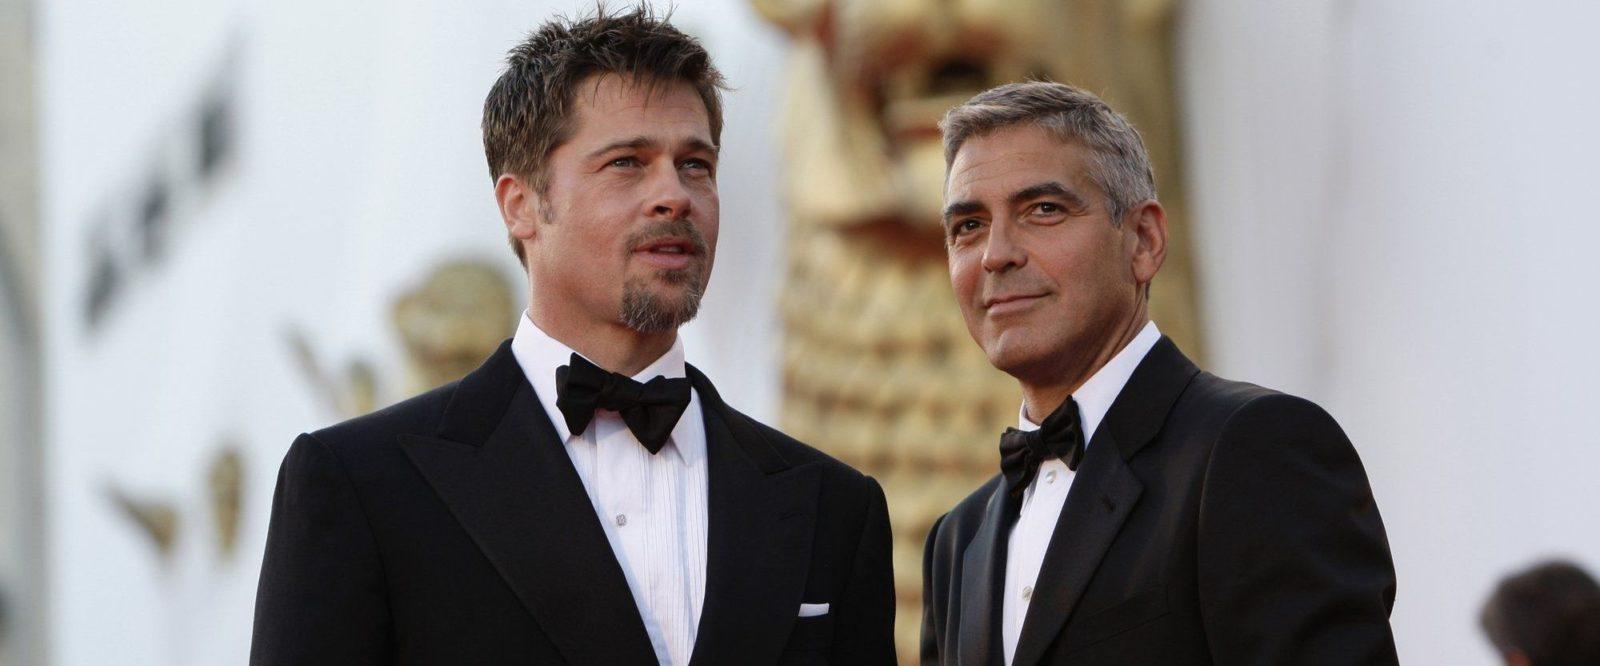 Джордж Клуни и Брэд Питт станут конкурентами